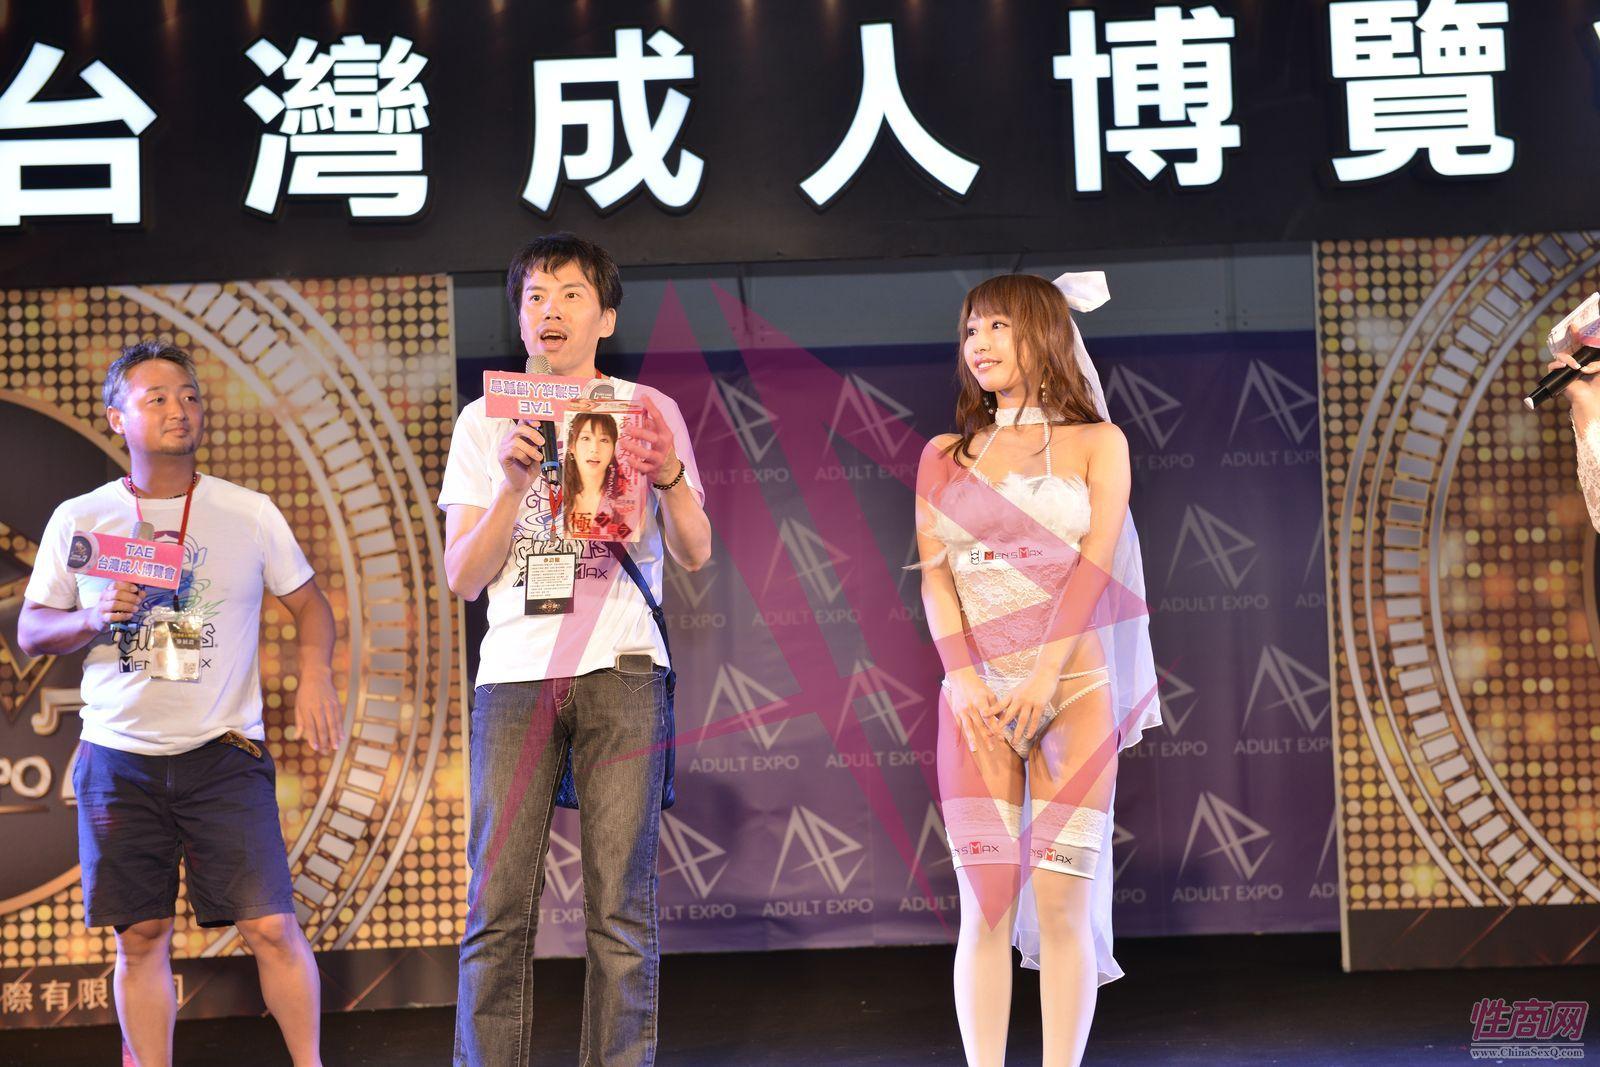 日本Men'sMax代言人彩美旬果现场种草